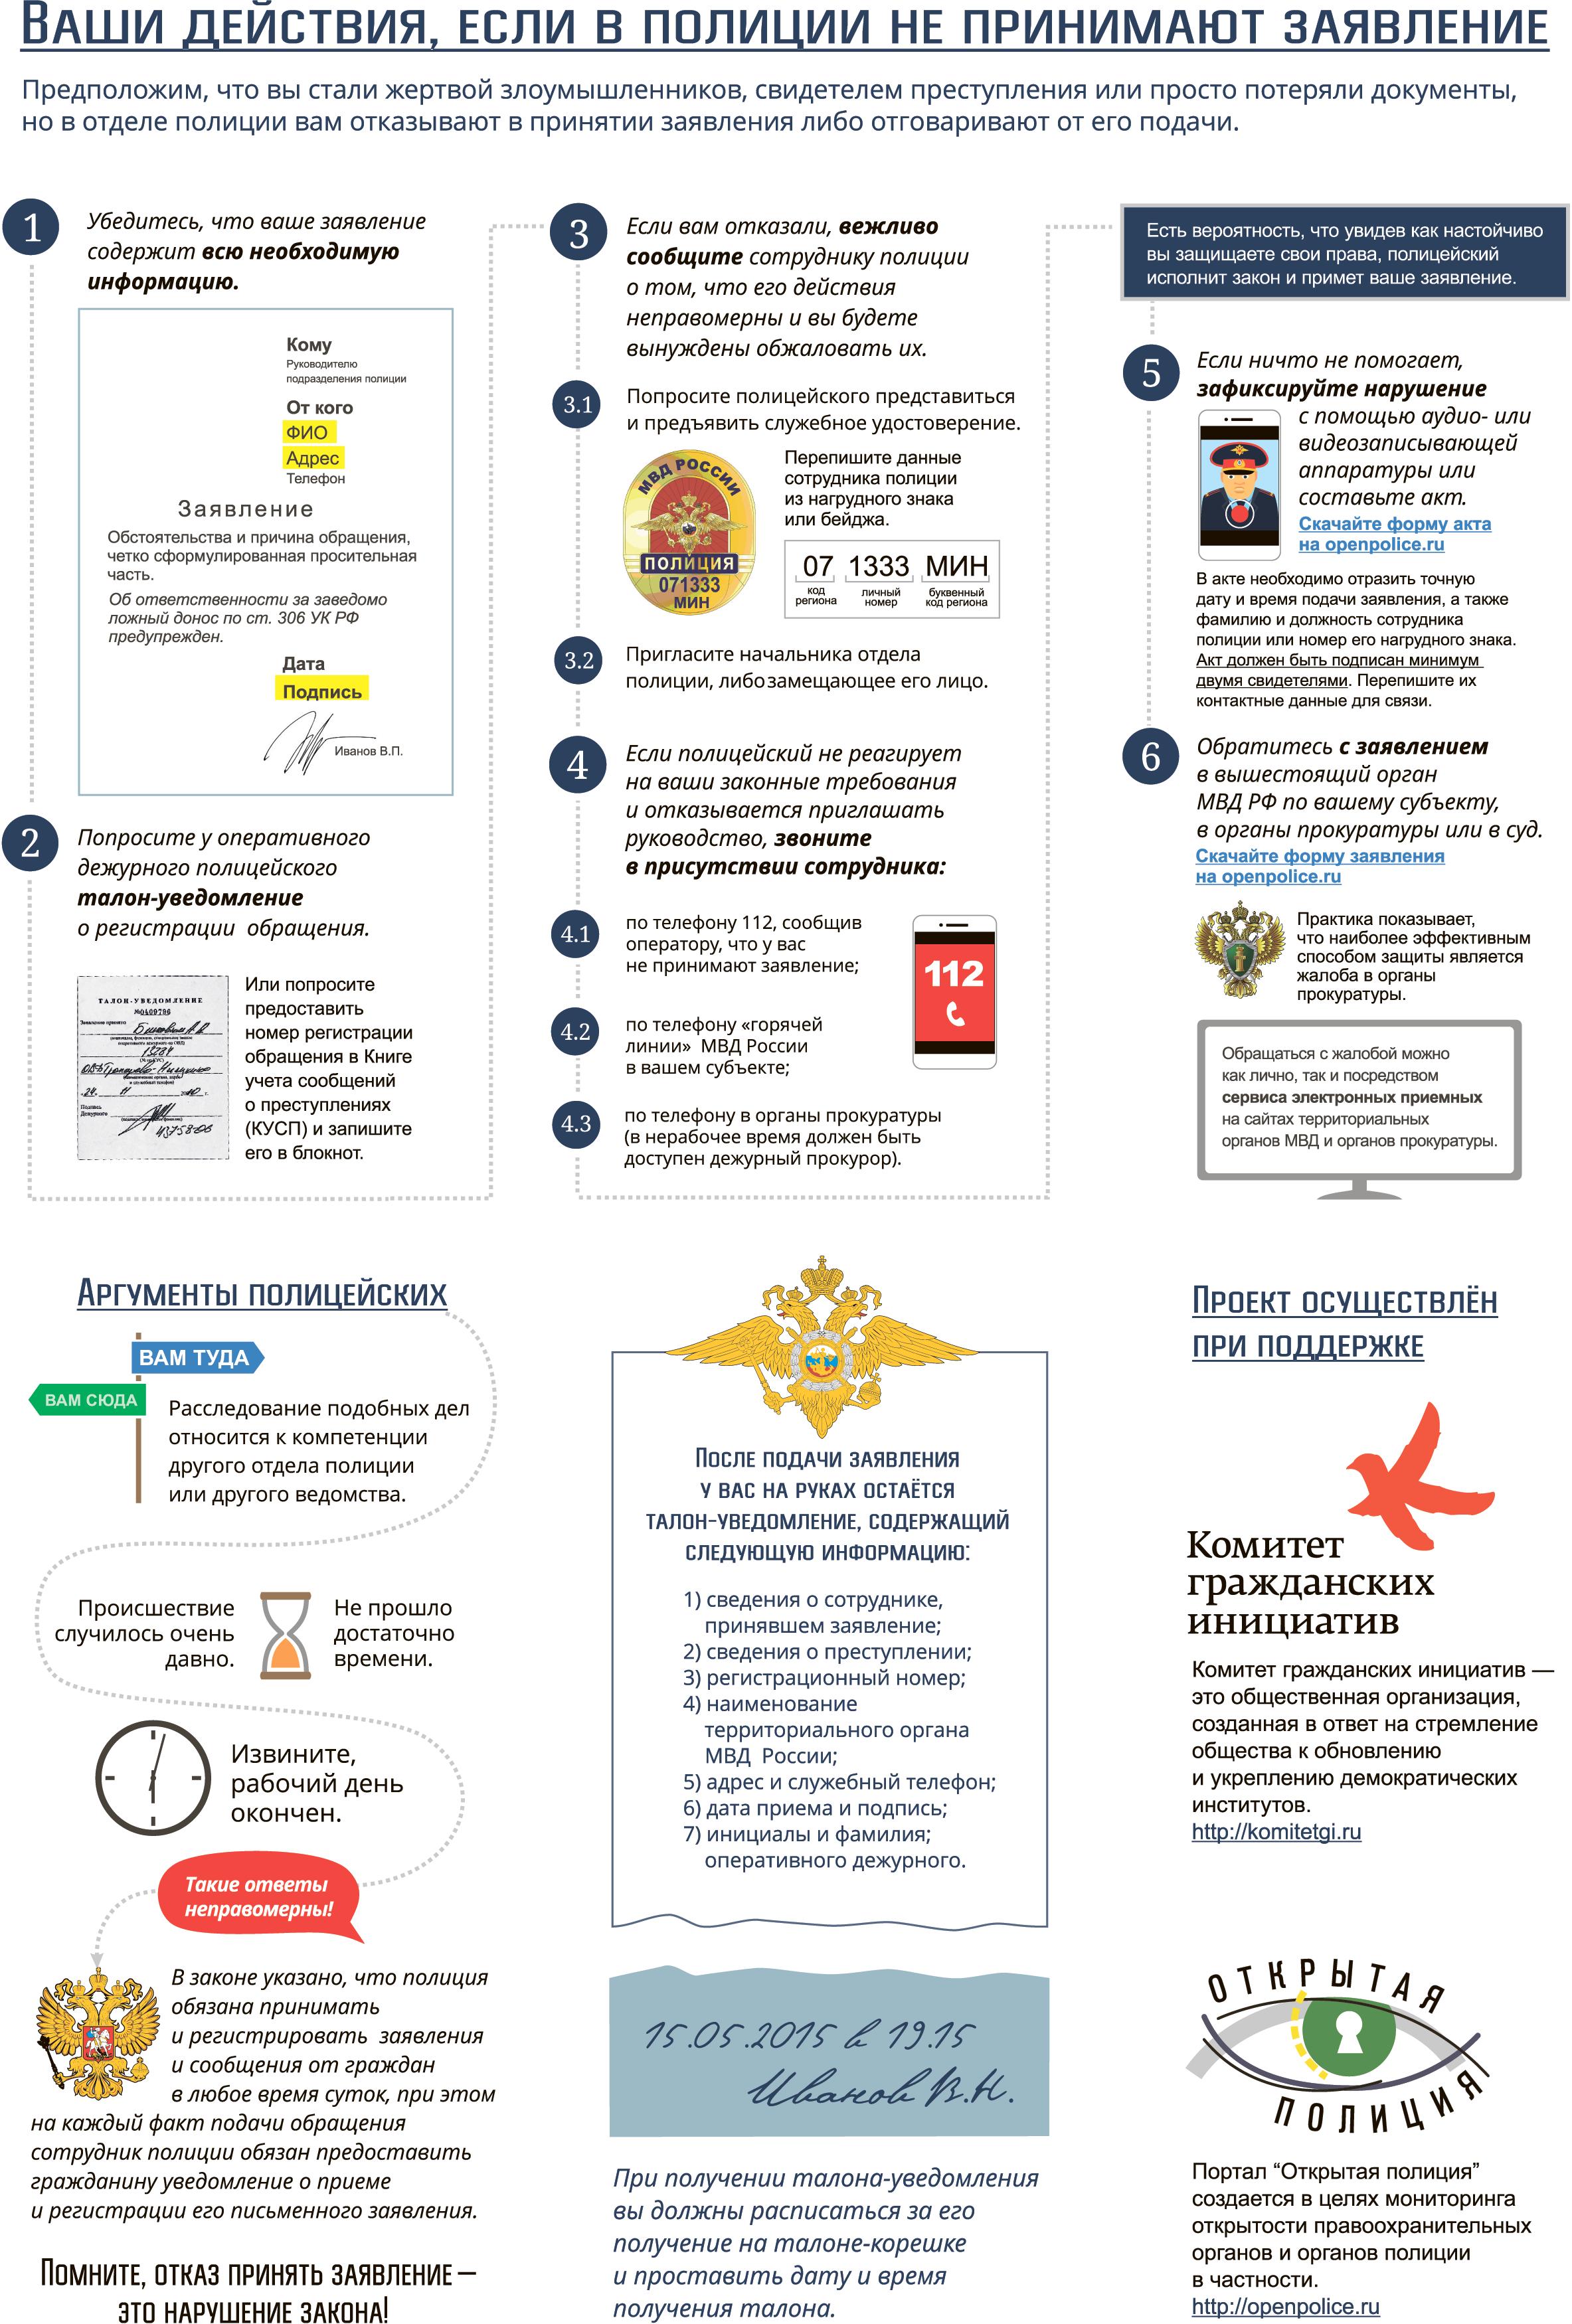 Инфографика {amp}quot;Что делать, если не принимают заявление в полицию?{amp}quot;